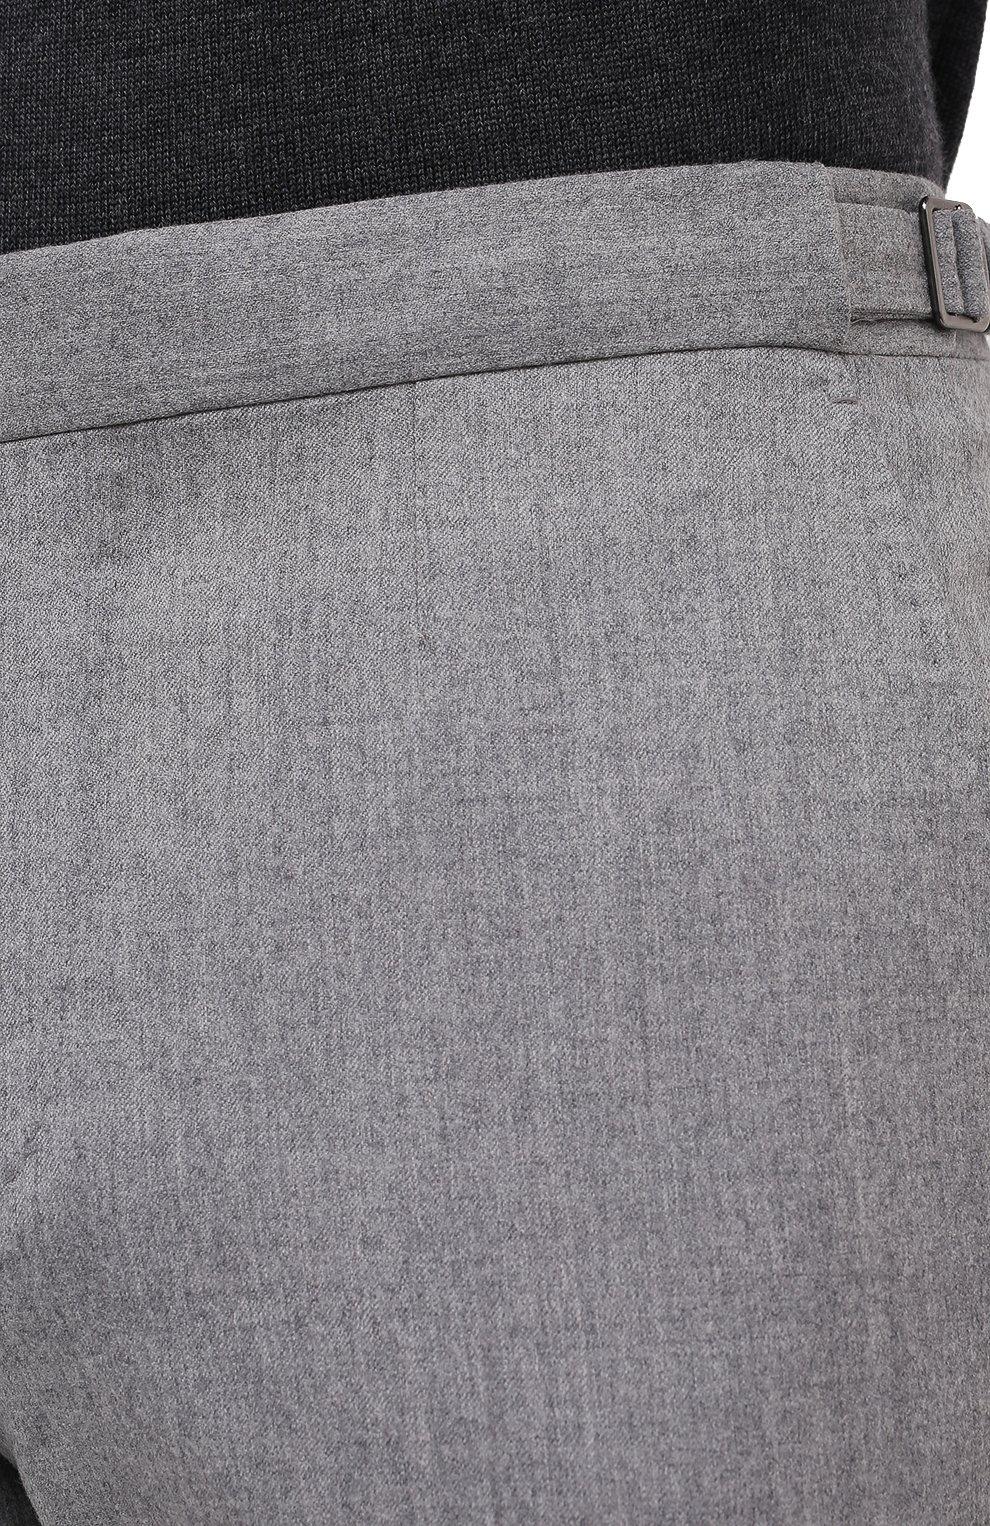 Мужские шерстяные брюки ERMENEGILDO ZEGNA светло-серого цвета, арт. 830F18/75F812   Фото 5 (Материал внешний: Шерсть; Длина (брюки, джинсы): Стандартные; Стили: Классический; Случай: Формальный; Материал подклада: Вискоза)